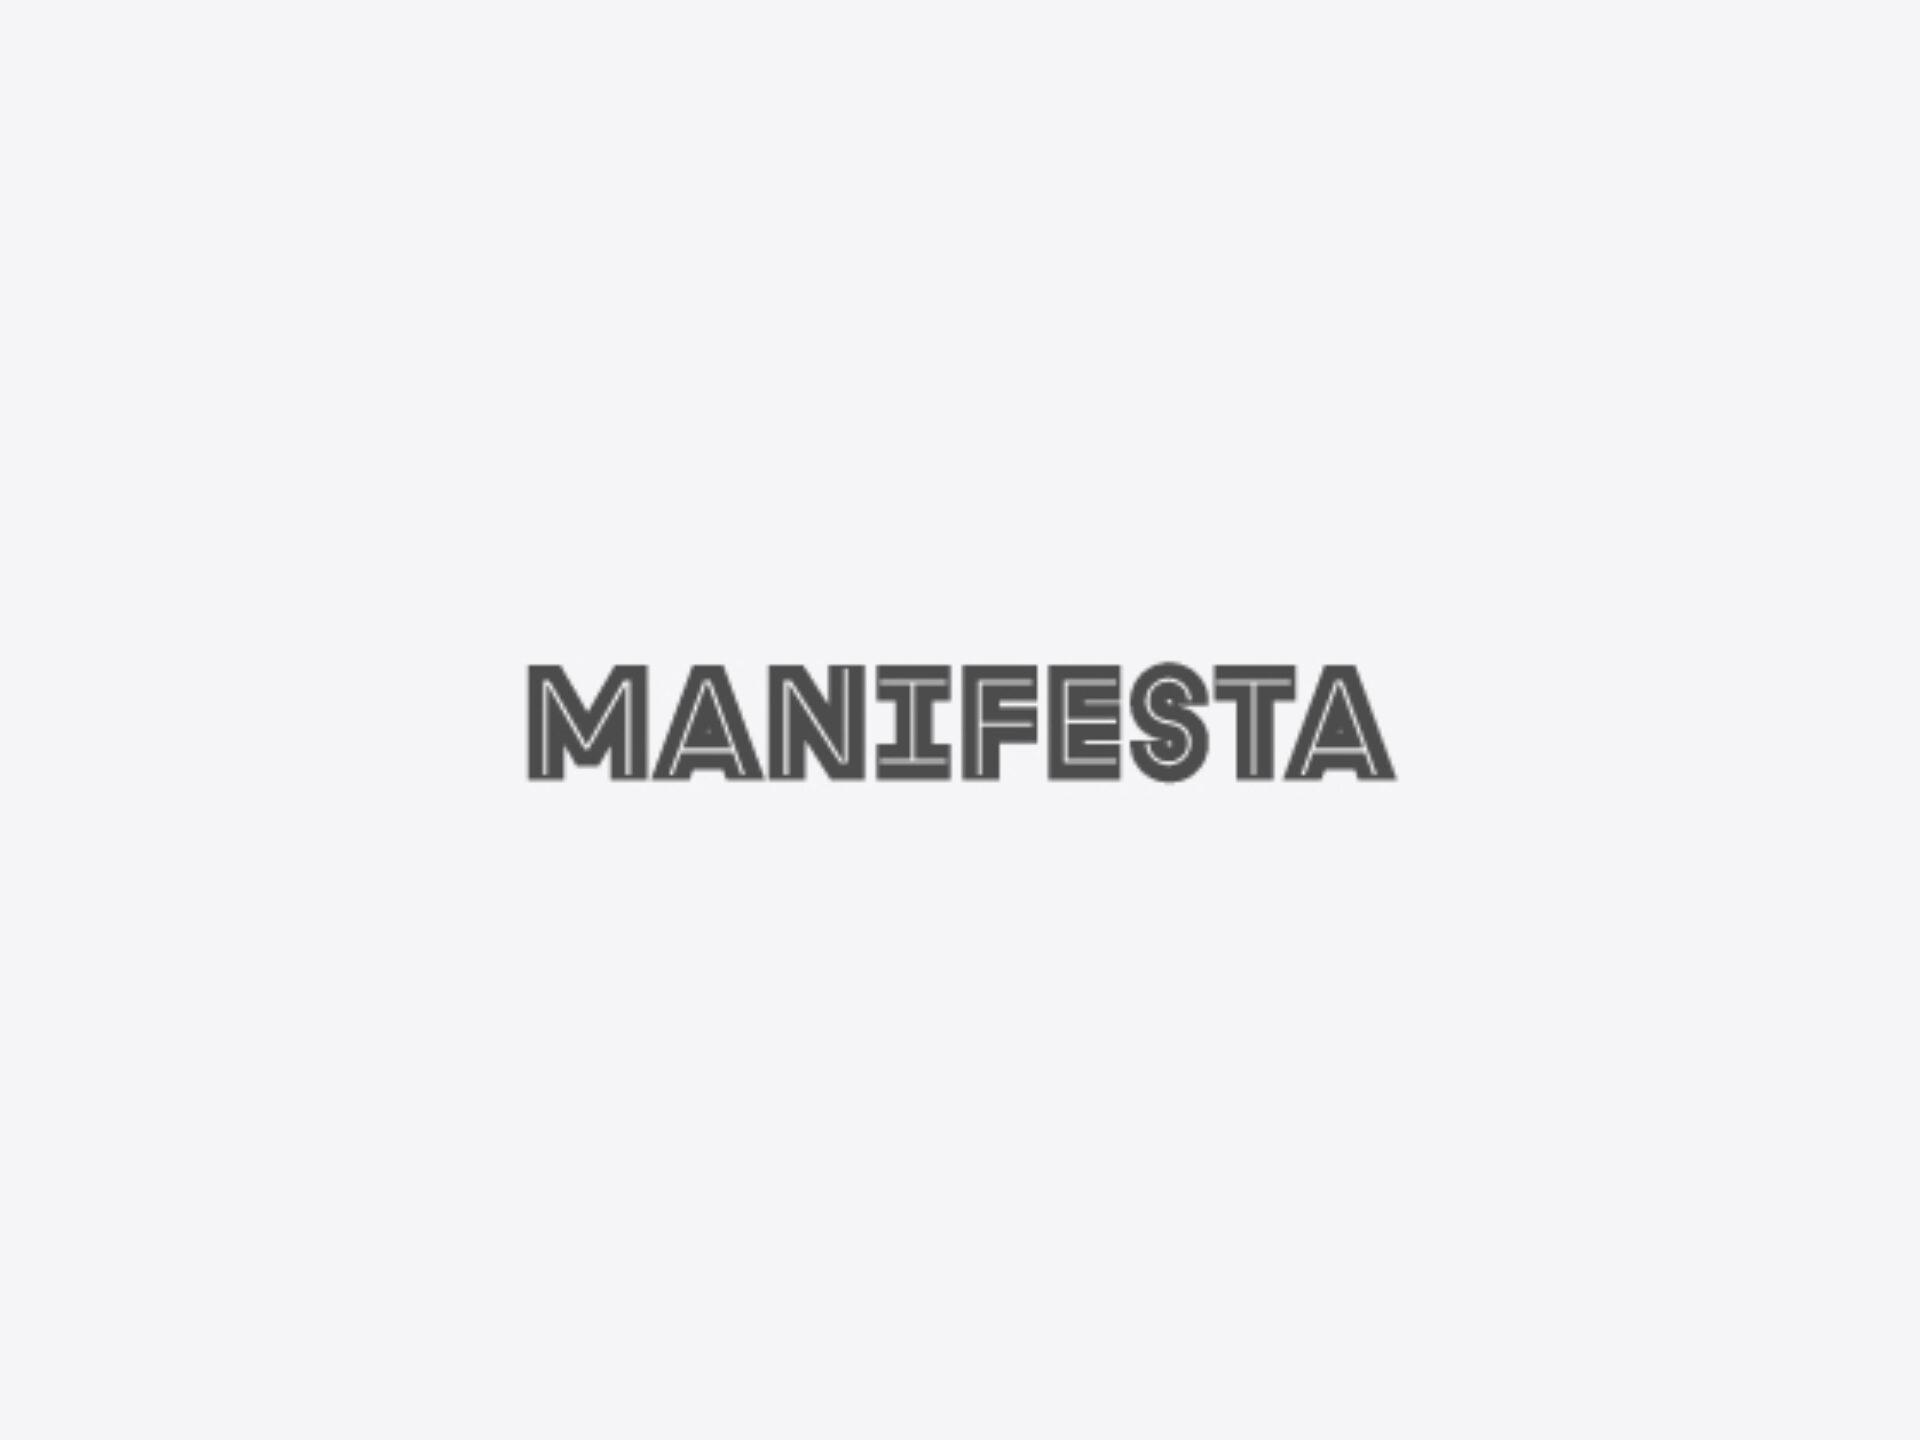 Manroof Referenz Manifesta